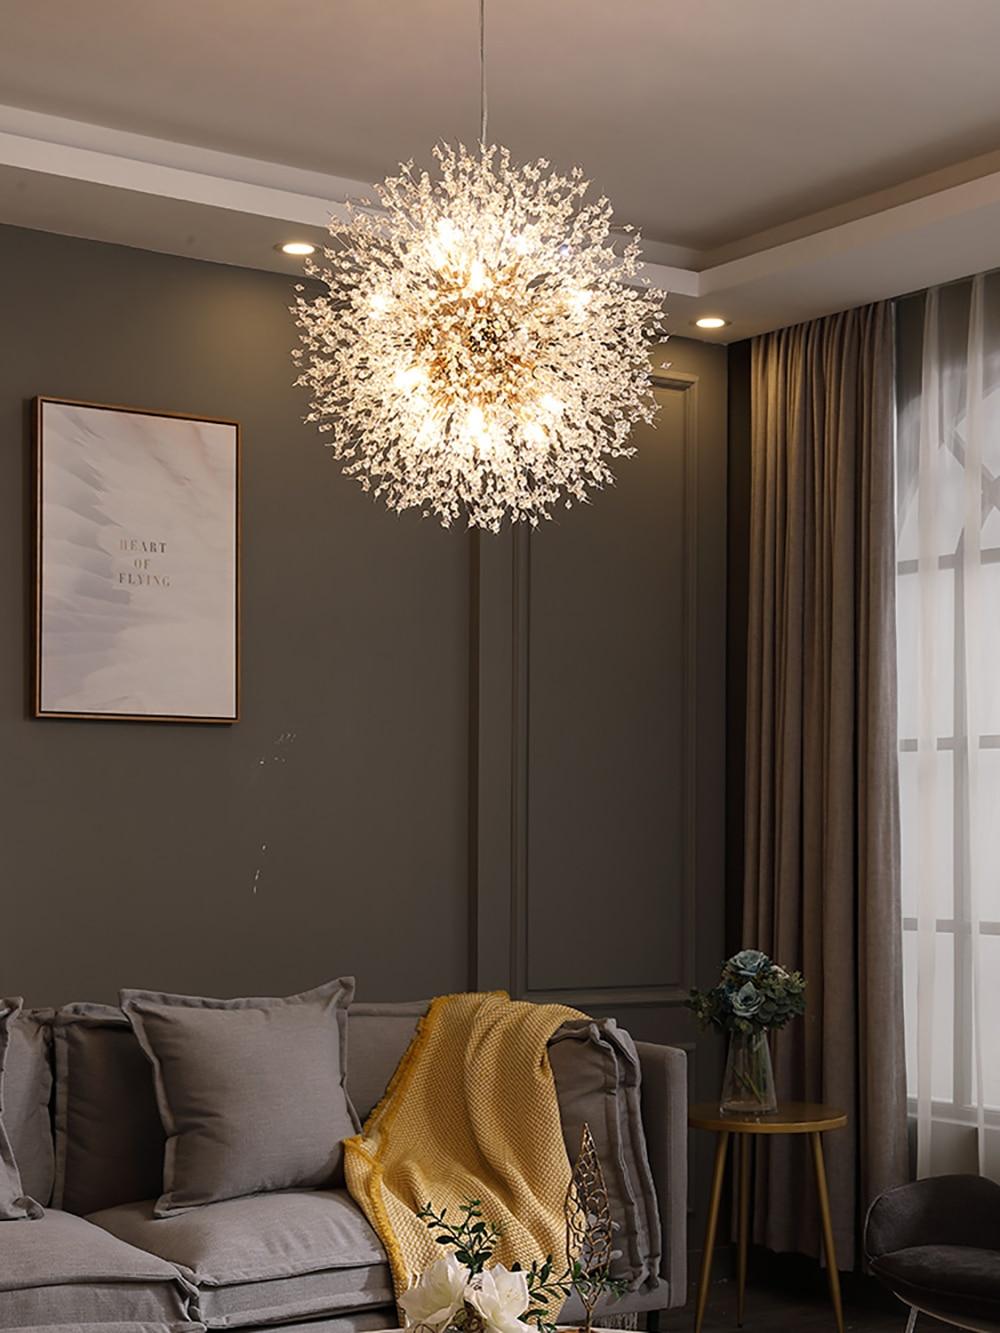 Dandelion Chandelier Lighting 6